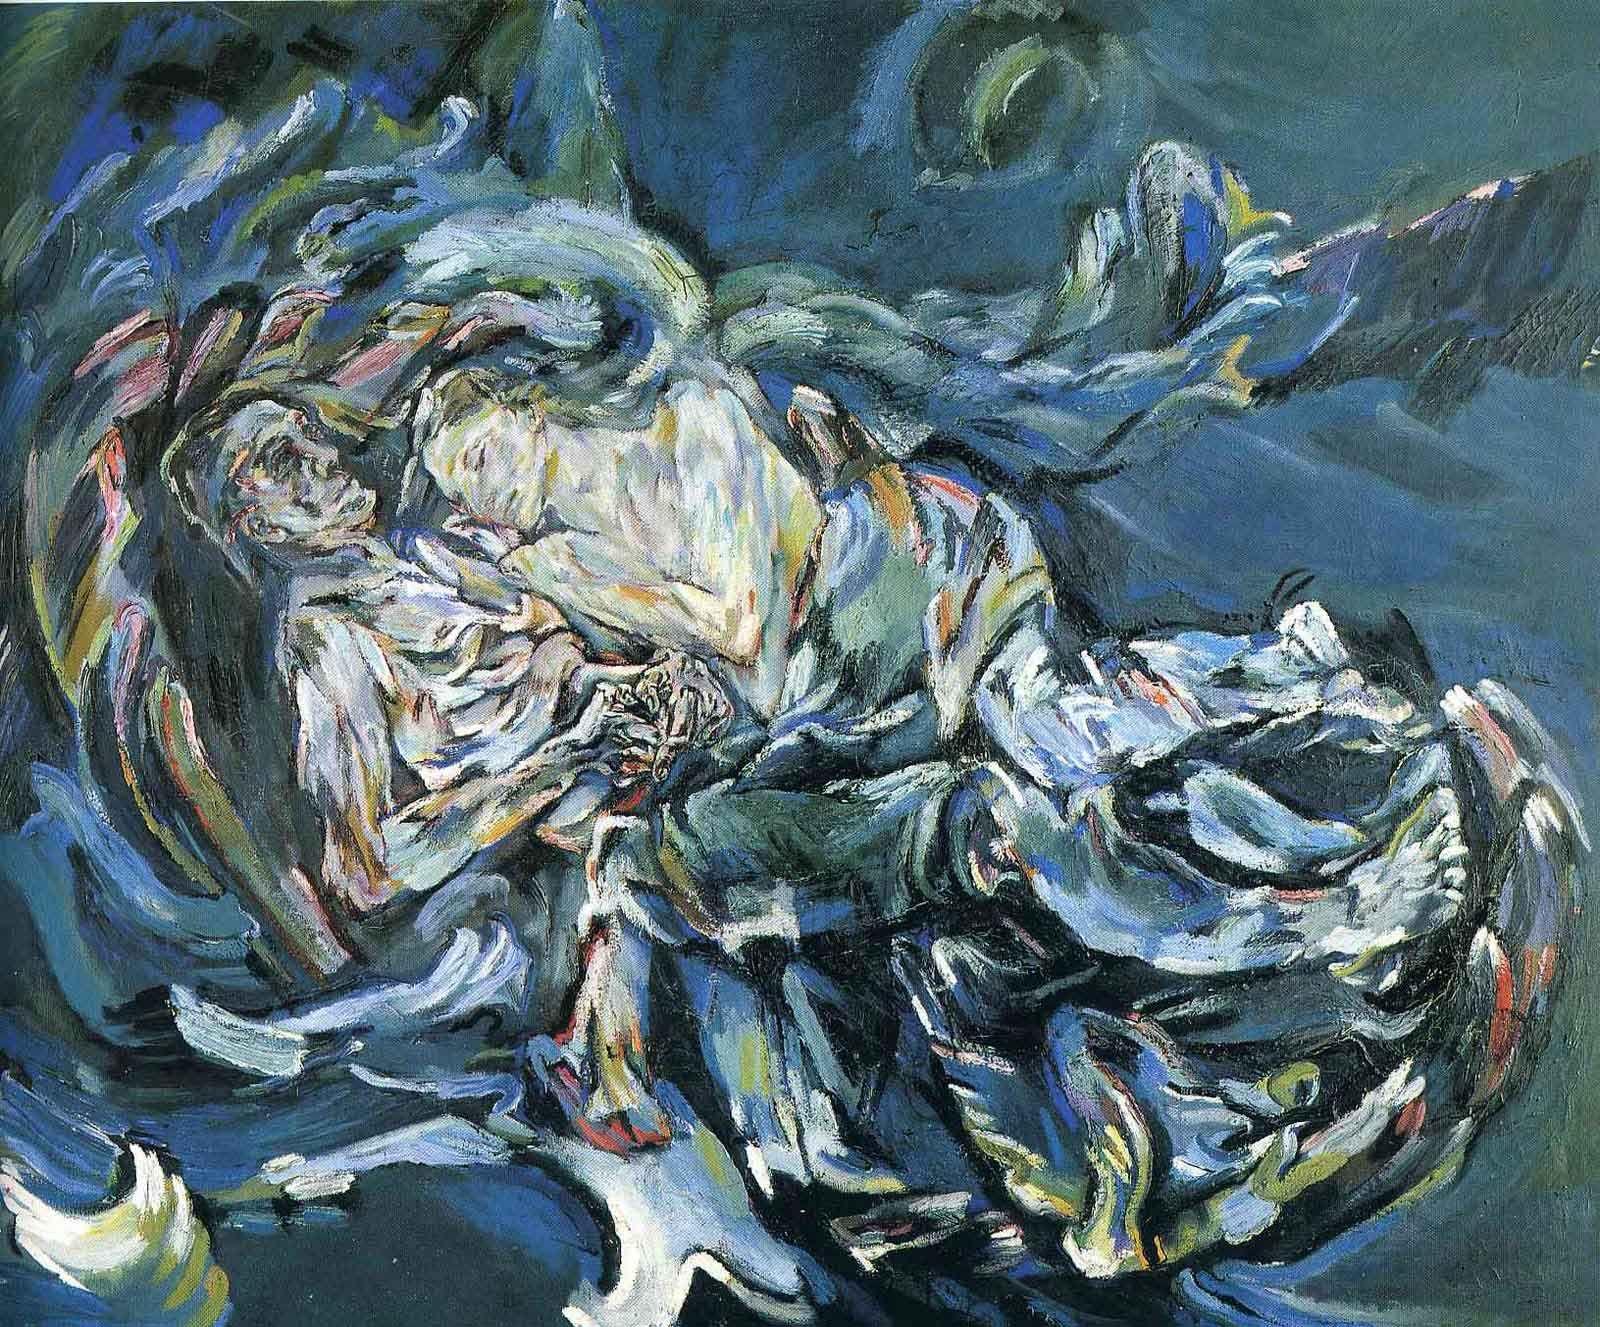 Pintores austriacos de entreguerras: el genio de Klimt, Schiele y Kokoschka